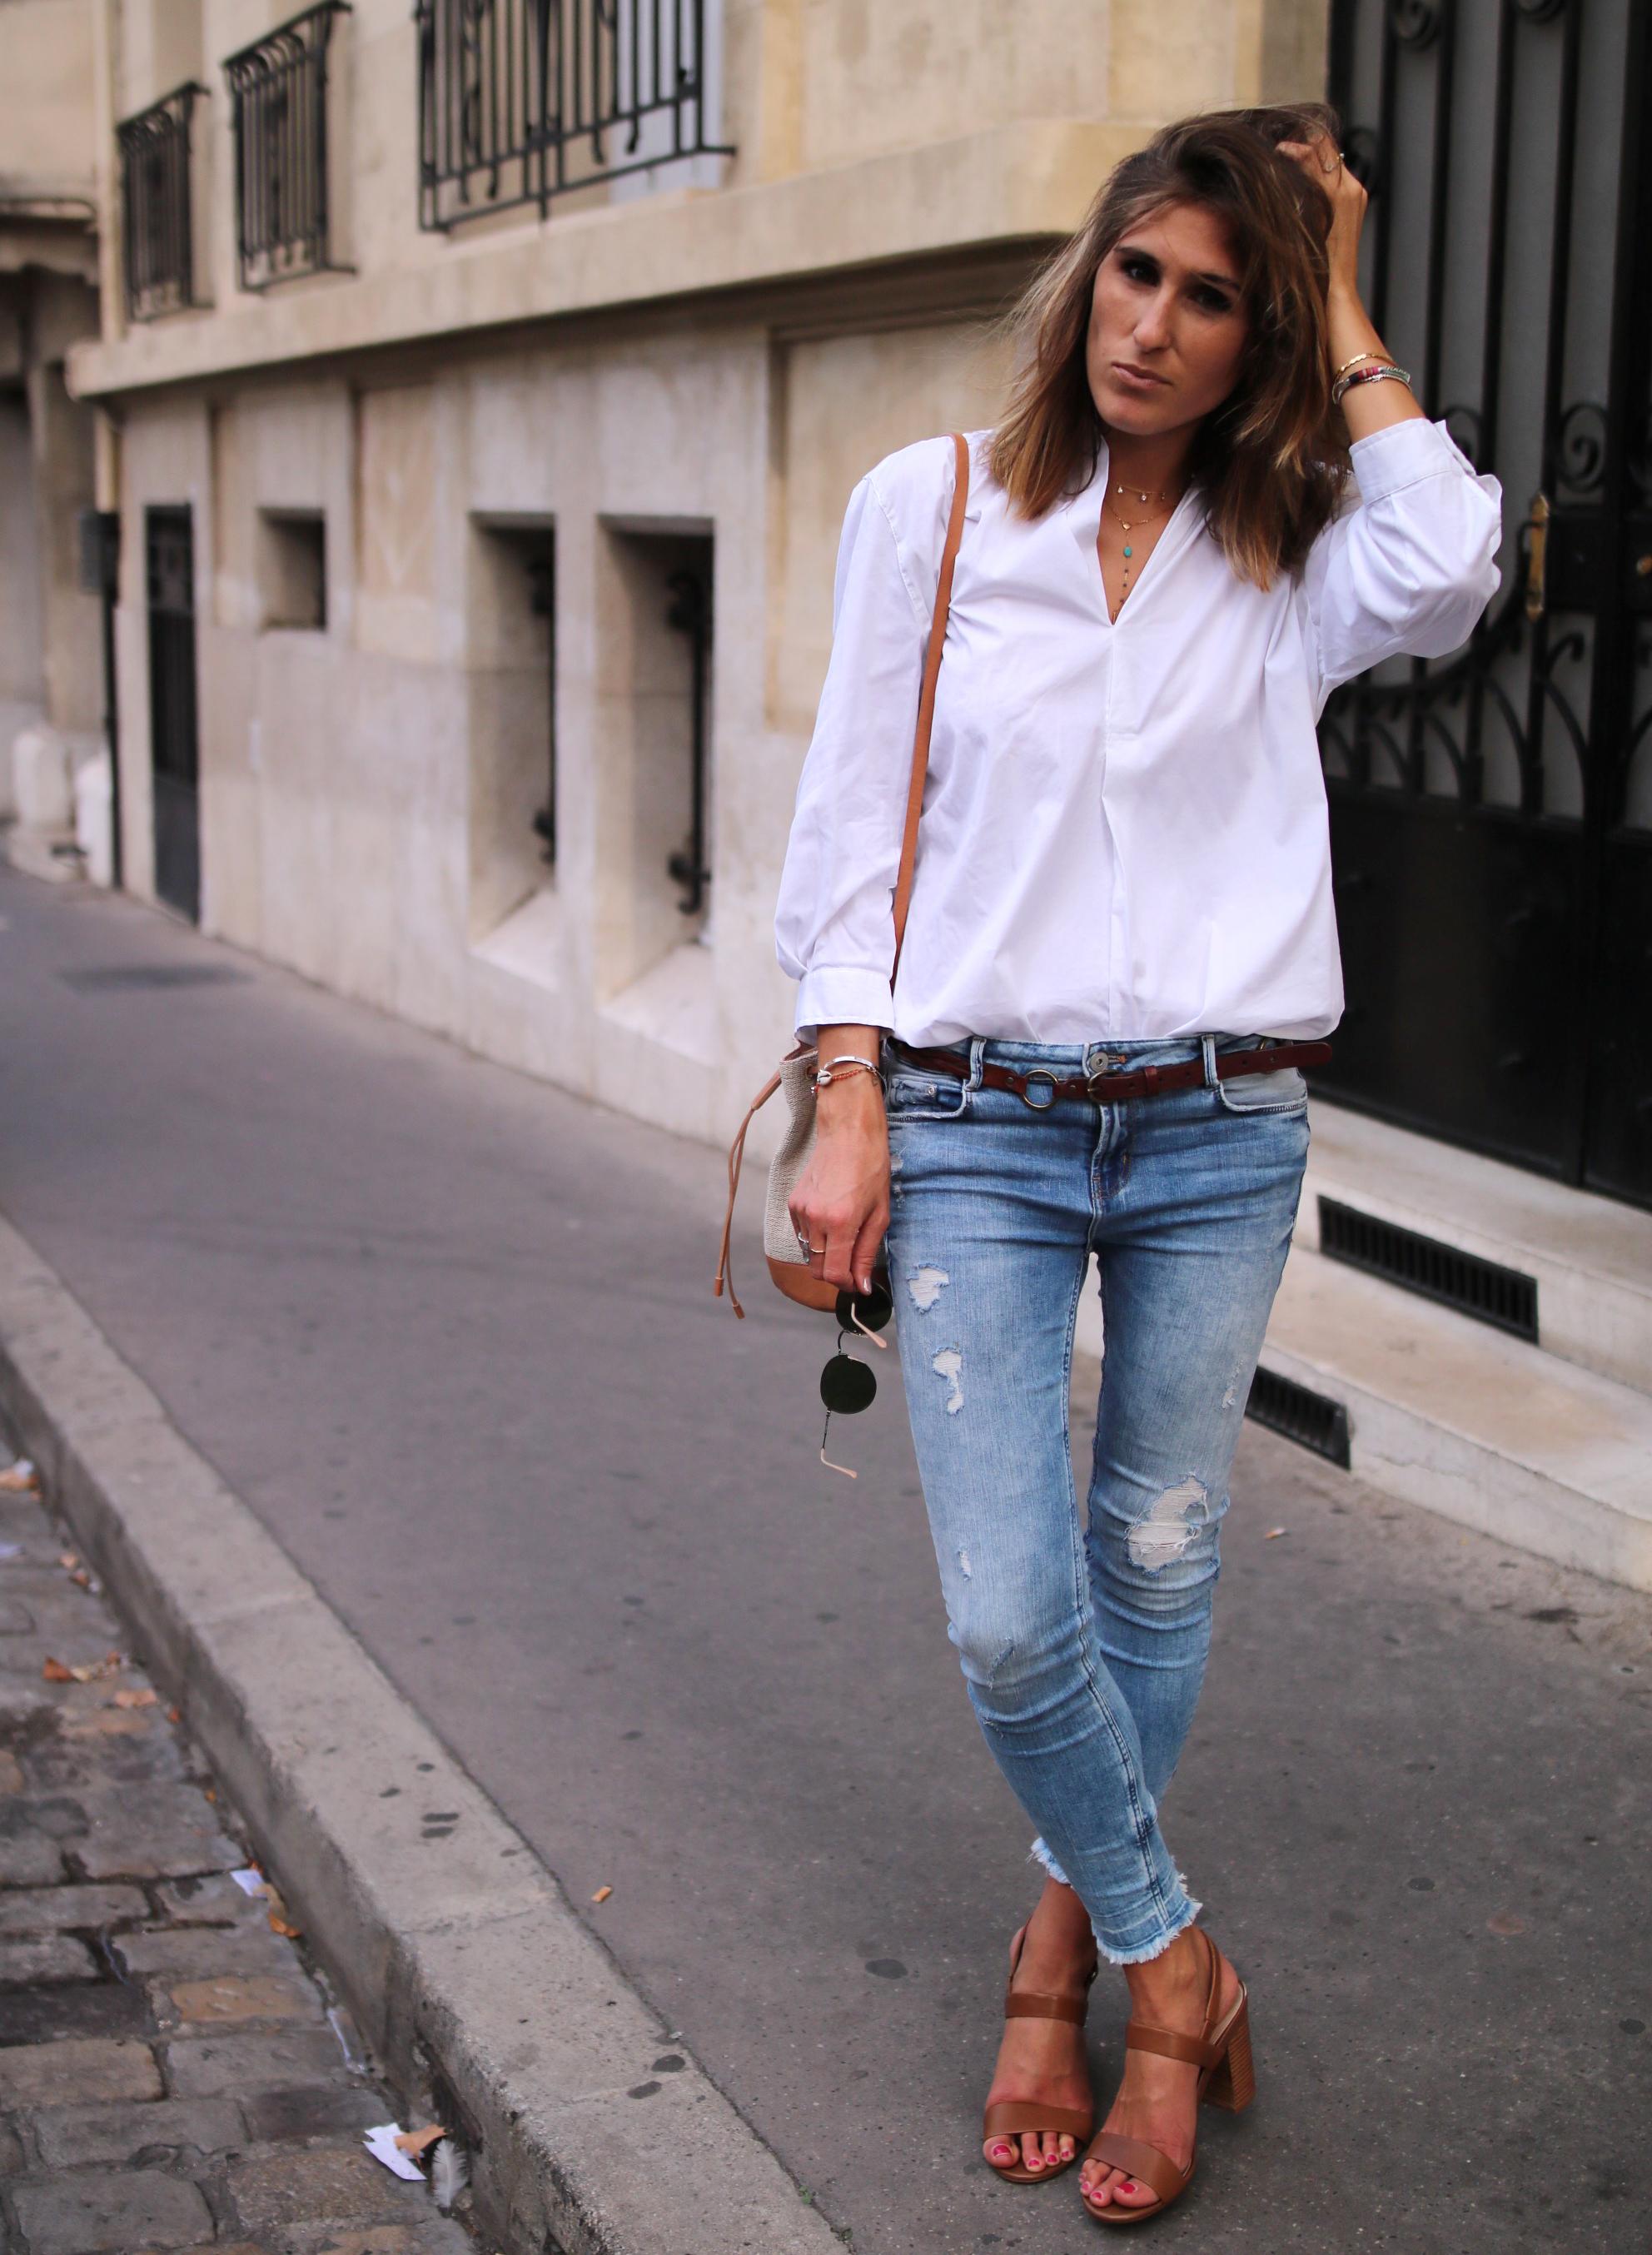 classy look denim and white shirt